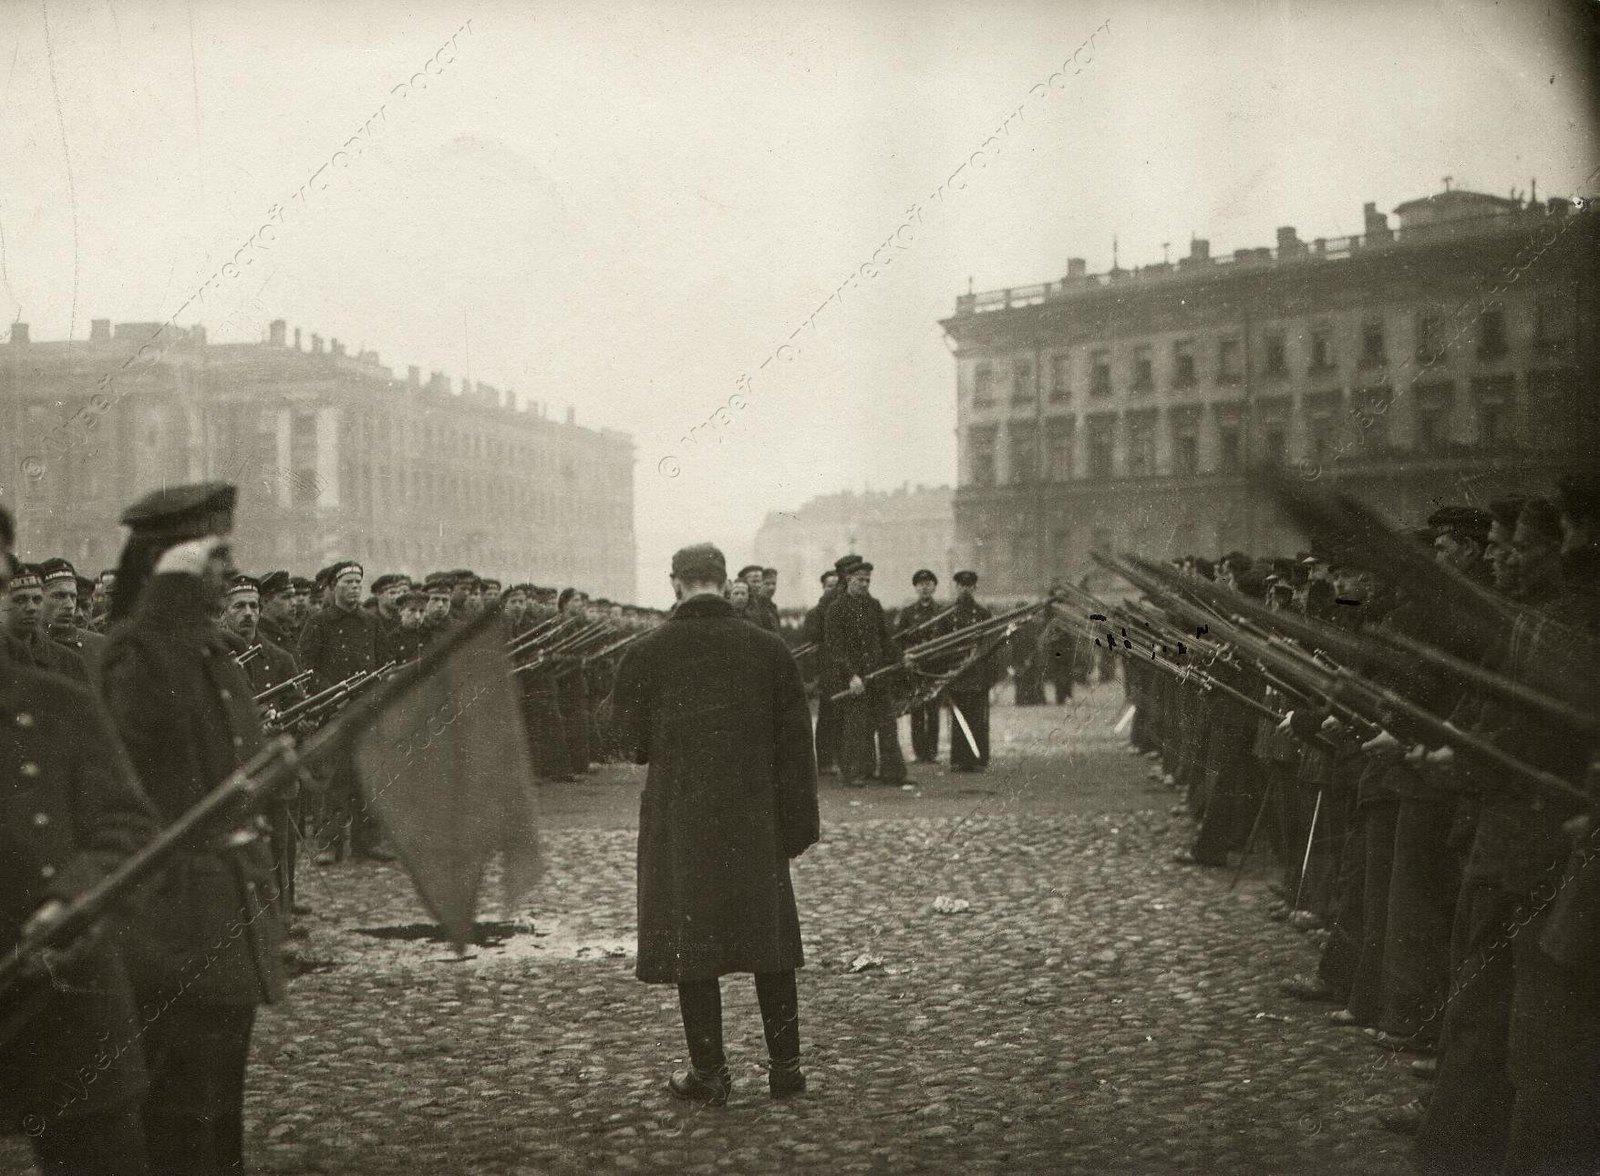 1918. Церемония принятия присяги моряками Балтфлота